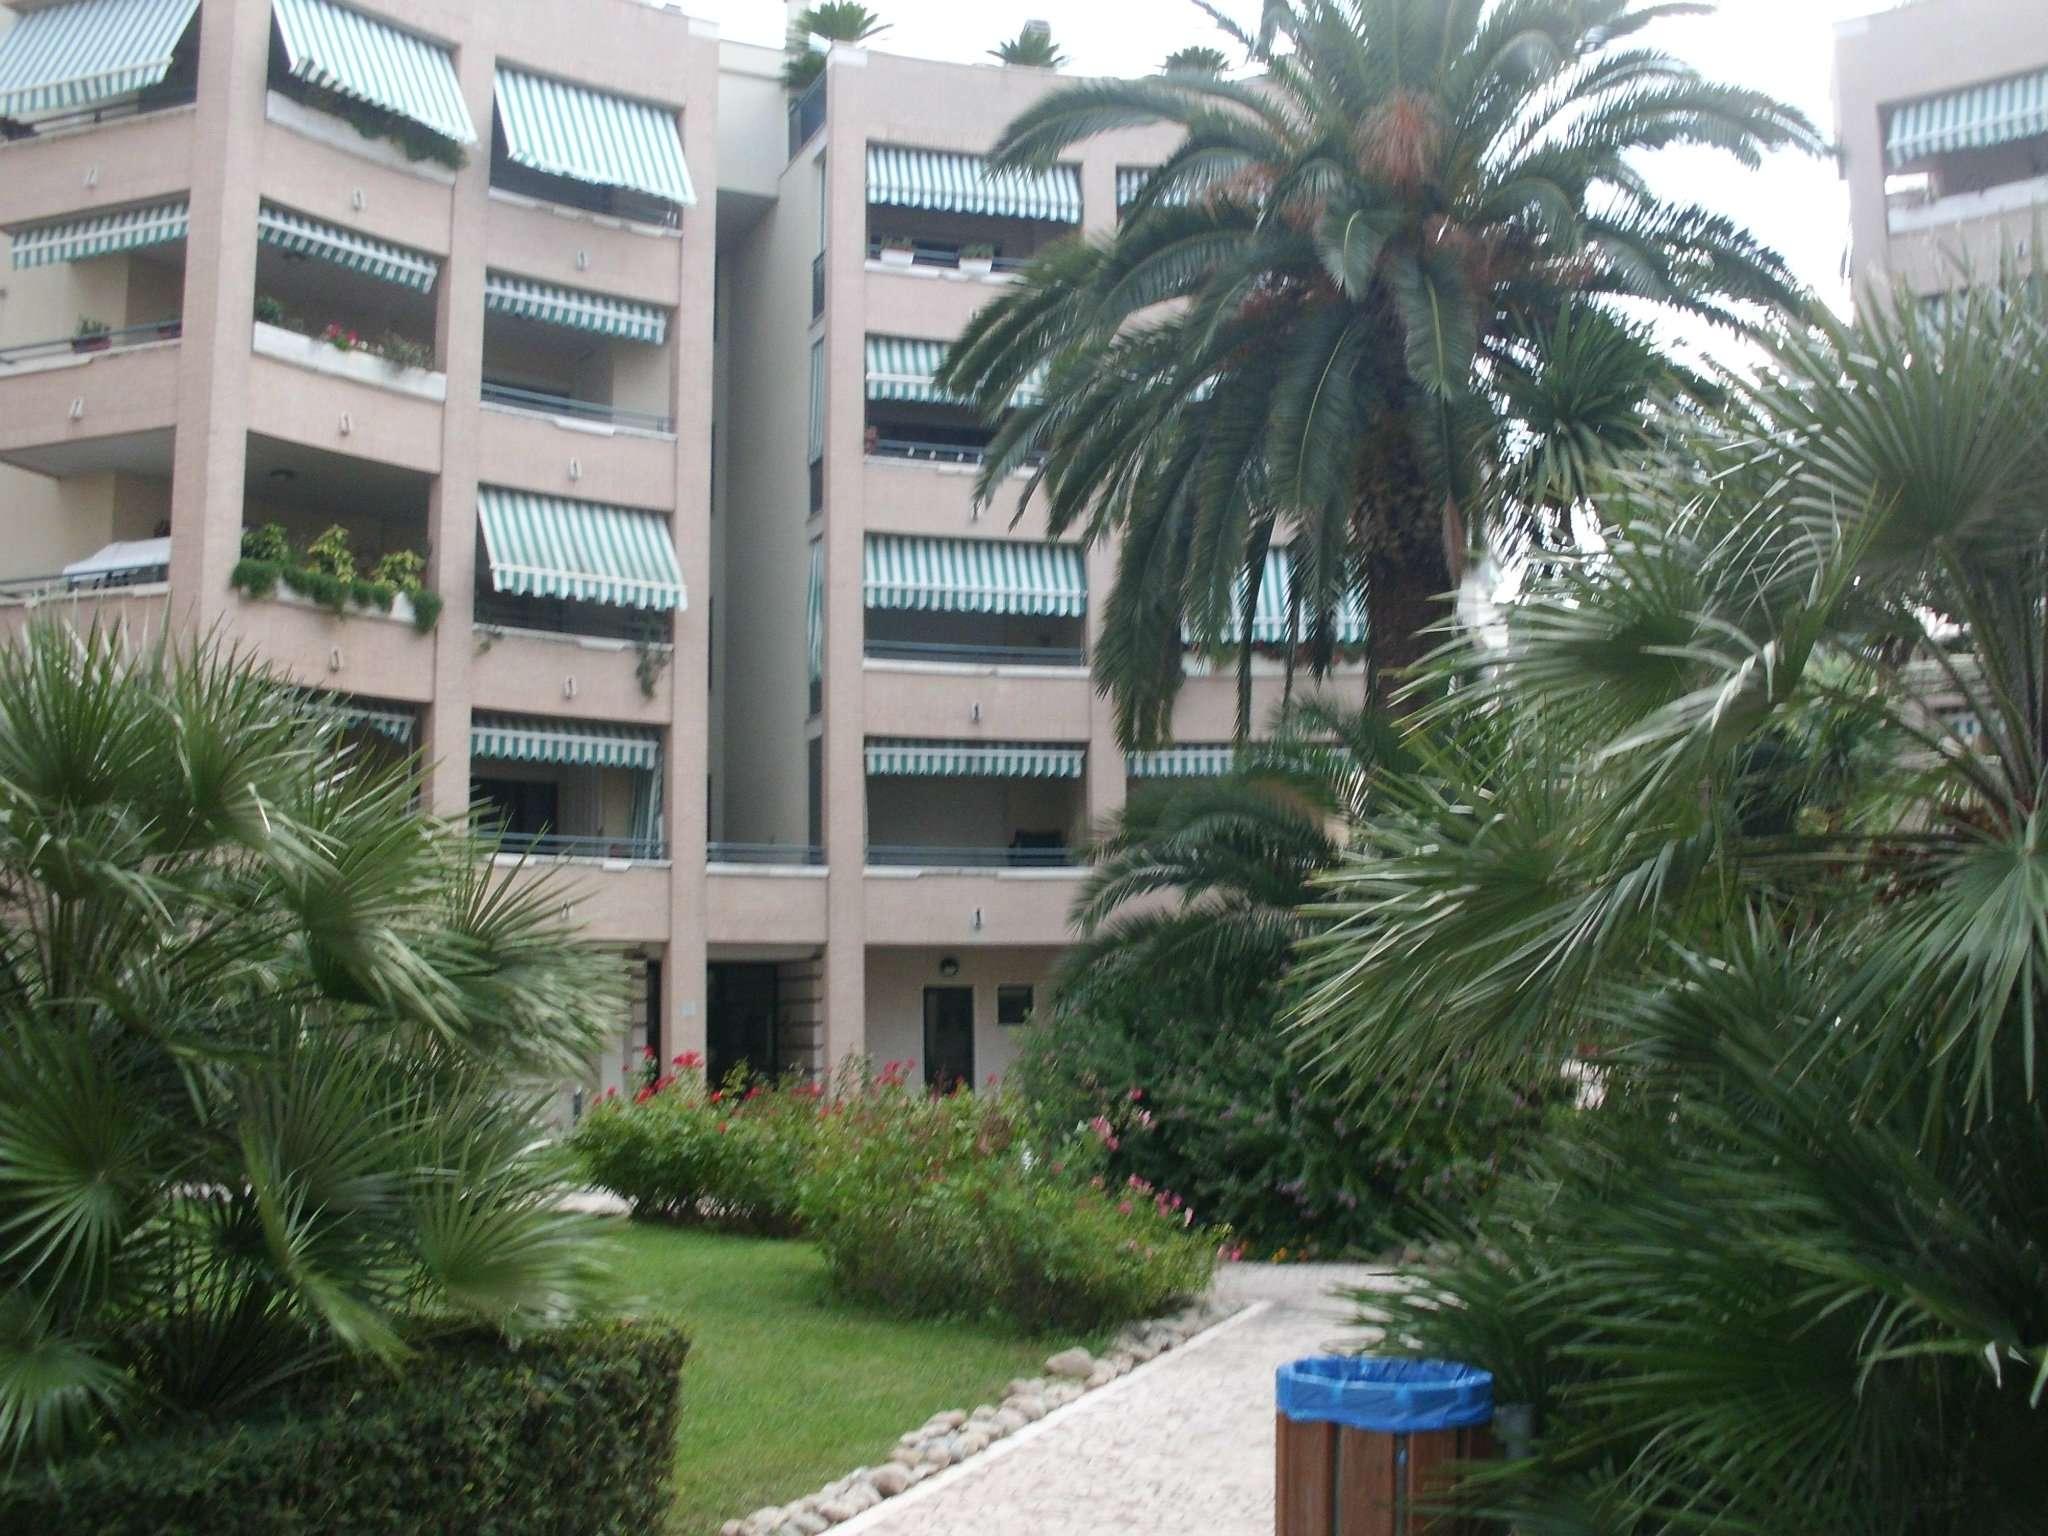 Ufficio / Studio in affitto a Pescara, 3 locali, prezzo € 600 | CambioCasa.it